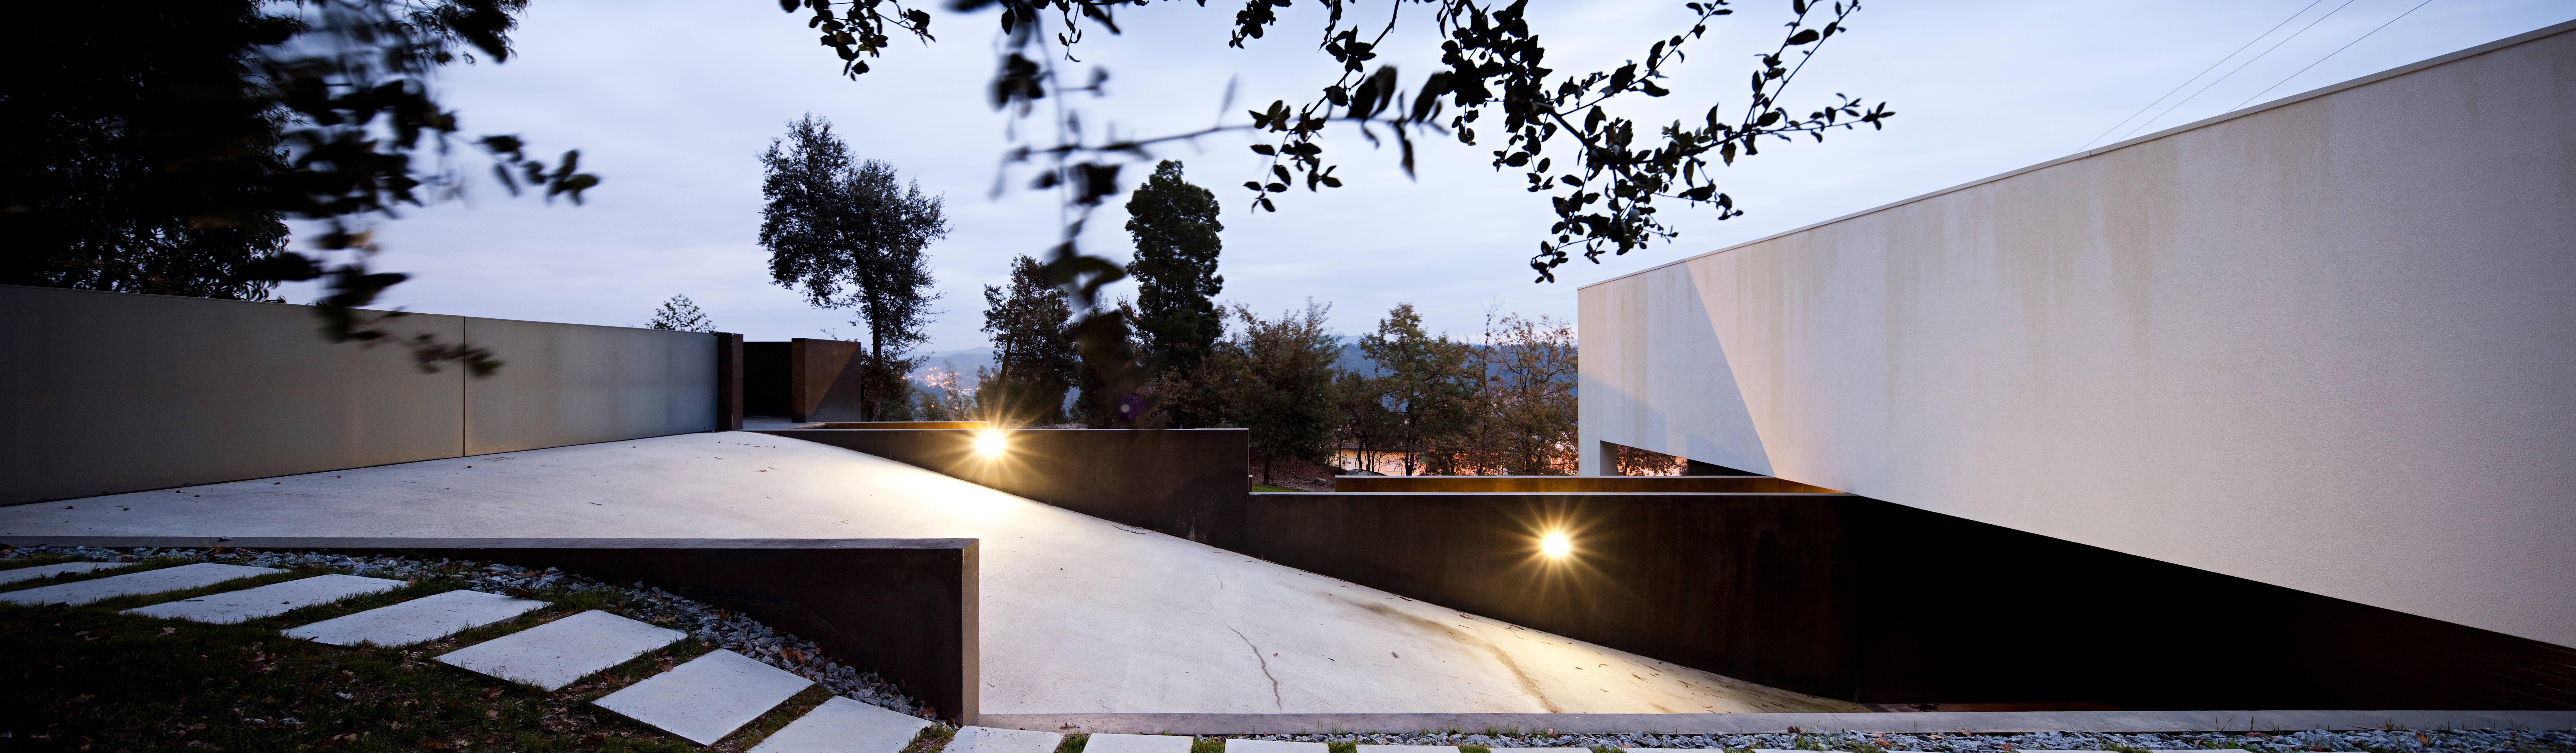 Rui Grazina Architecture + Design